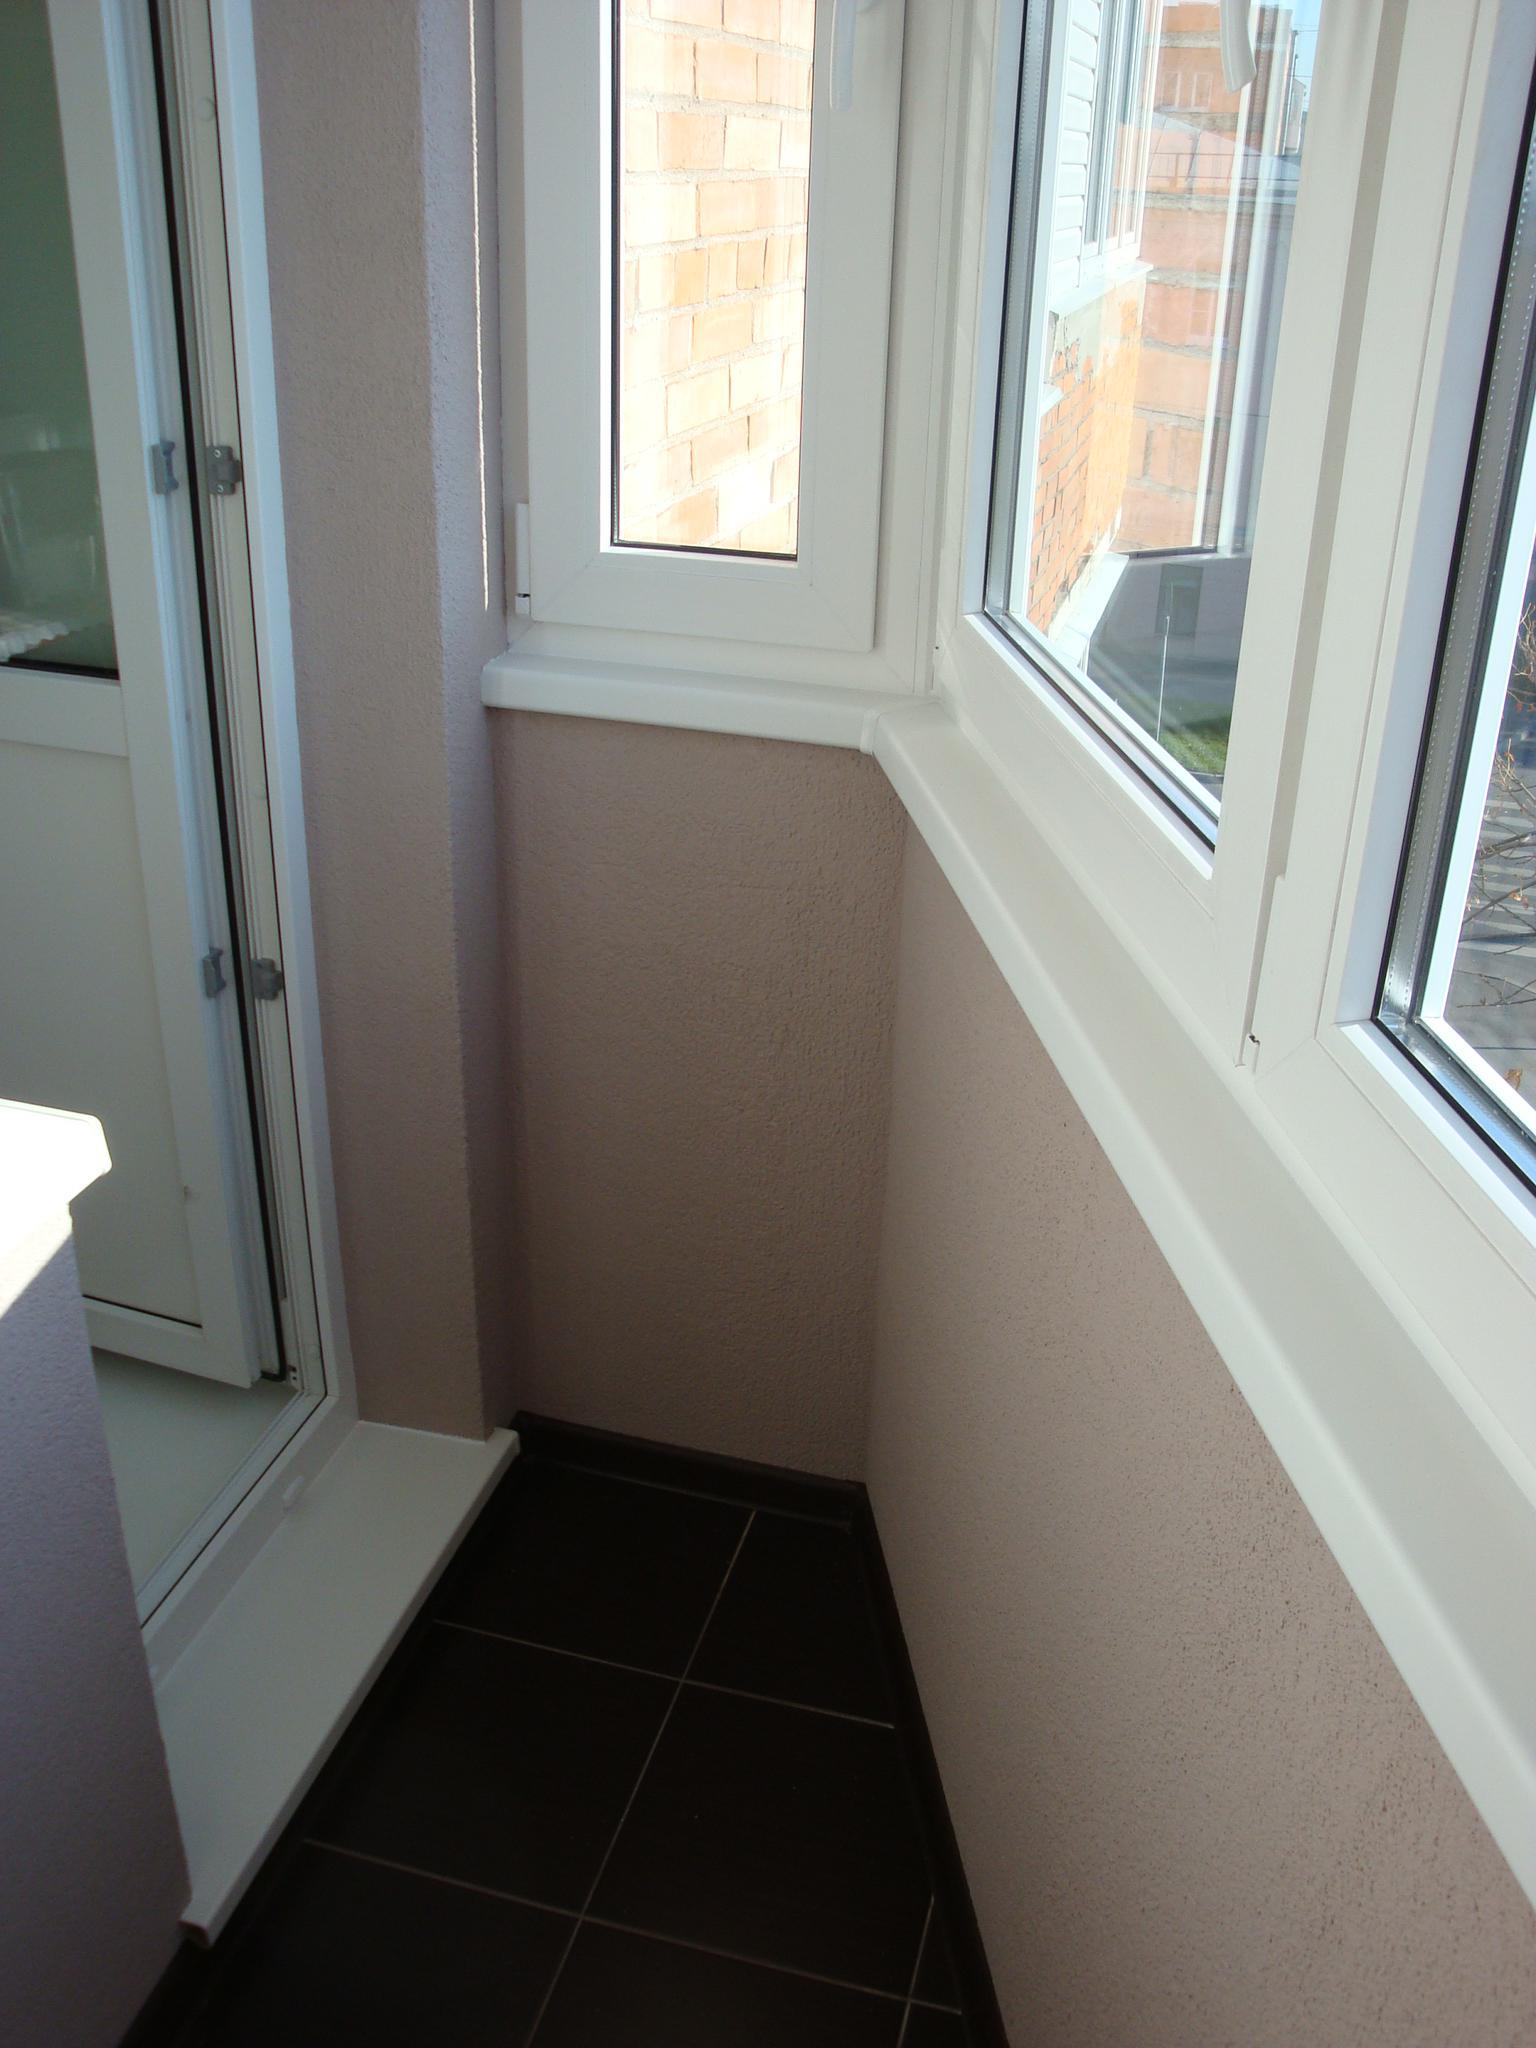 Качественная обшивка балконов и лоджий - авито: санкт-петерб.